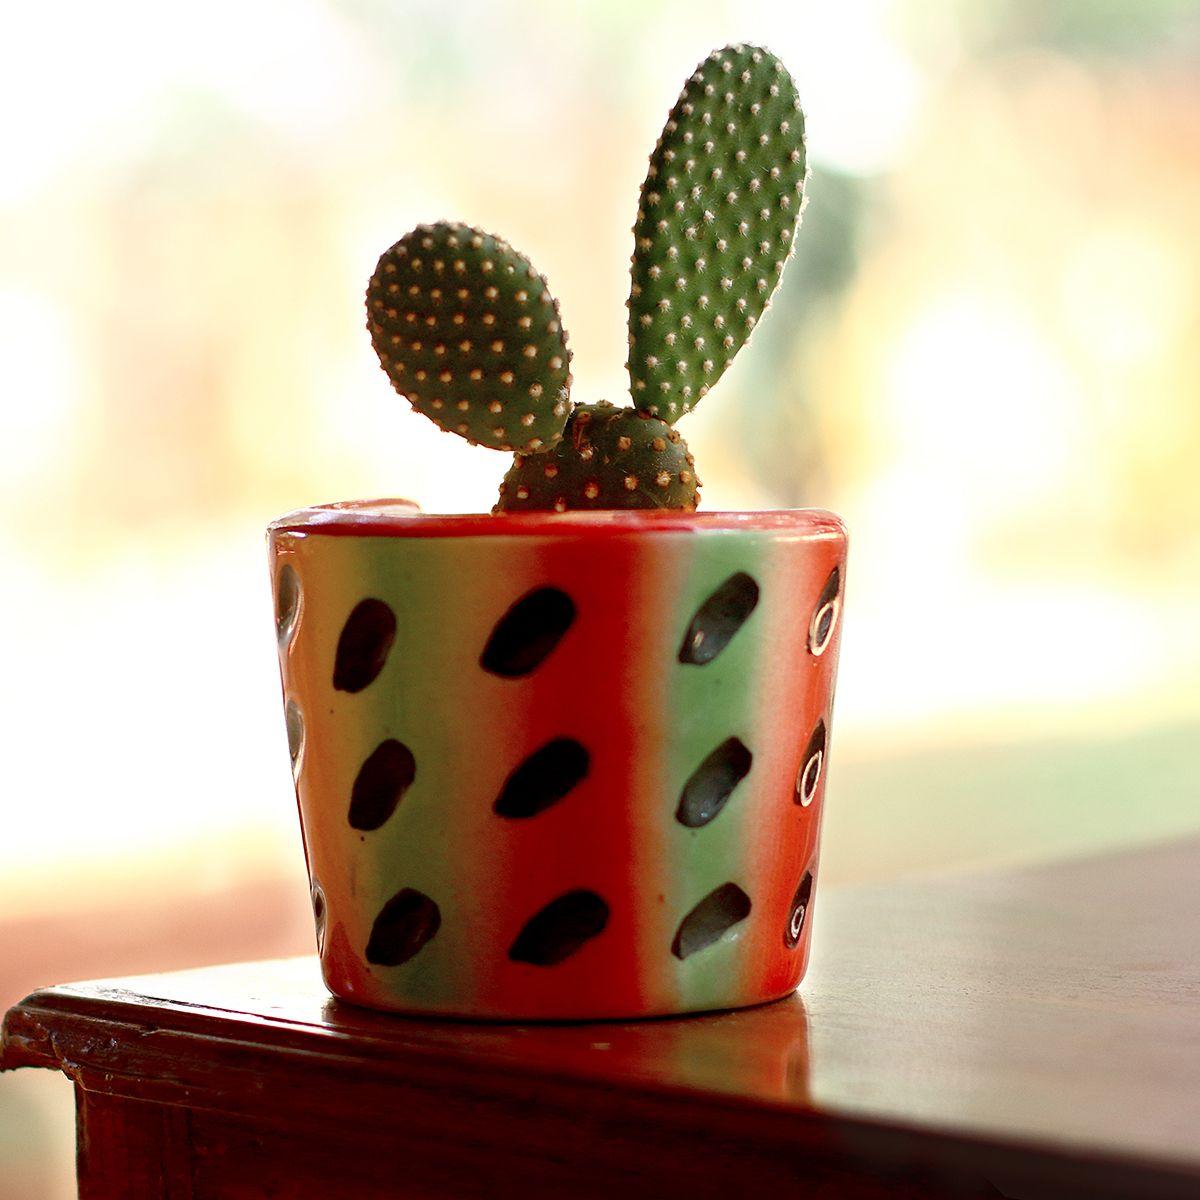 Gardenia Ceramic Melon Pot- Original Look - 4 Inches | Gardenias and ...